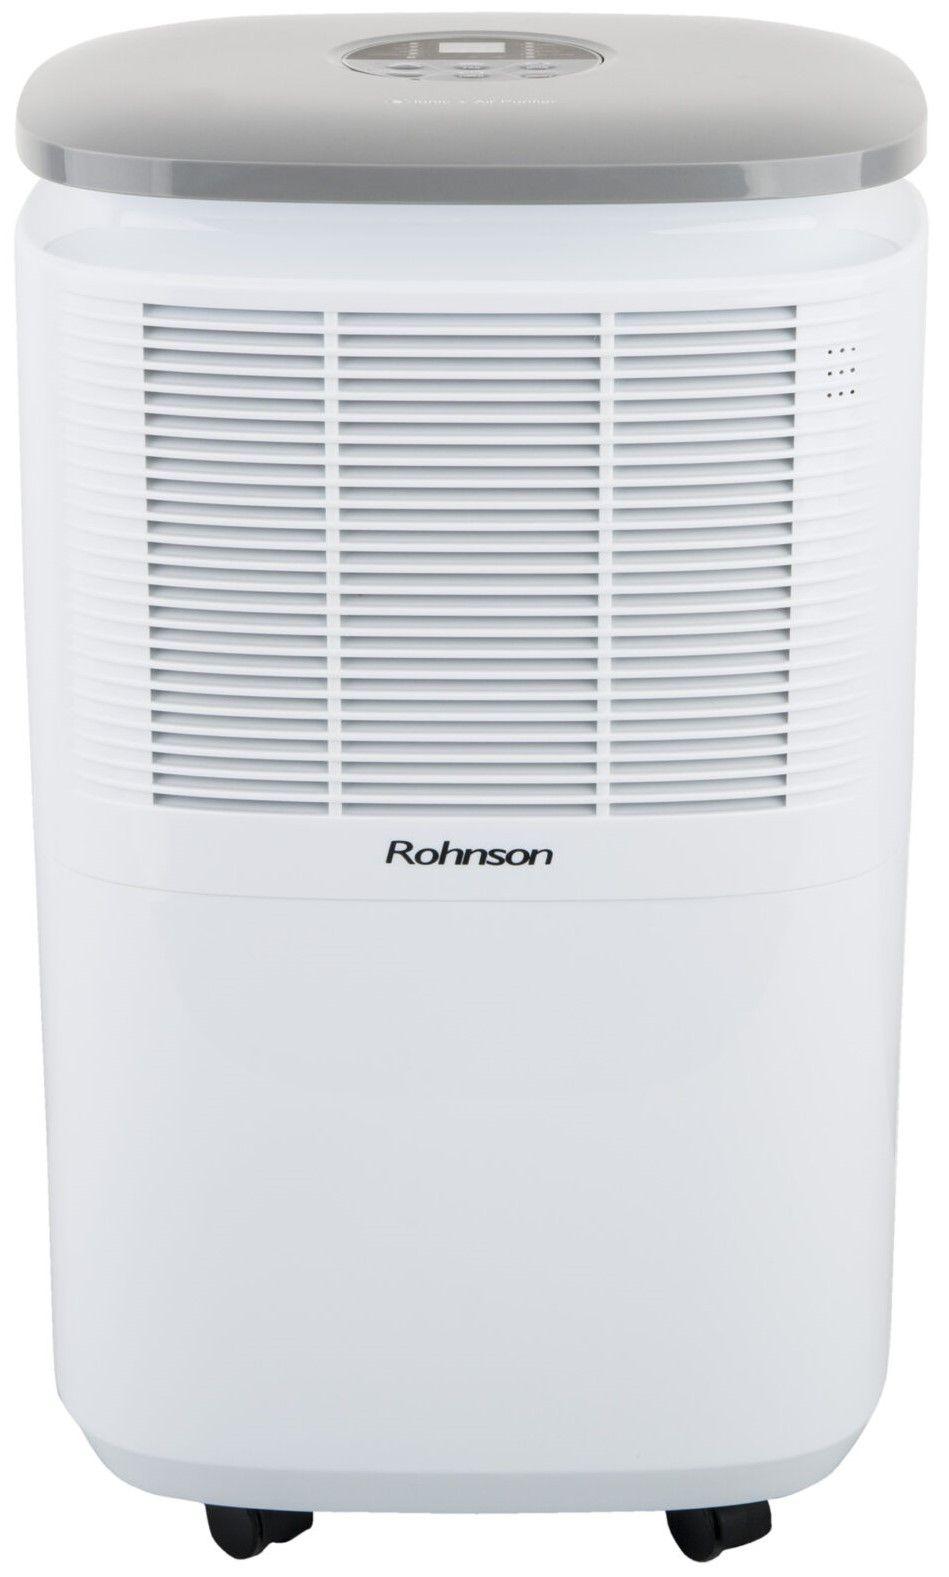 Обезвлажнител с пречиствател Rohnson R 9912, 2.5l, 210W, бял